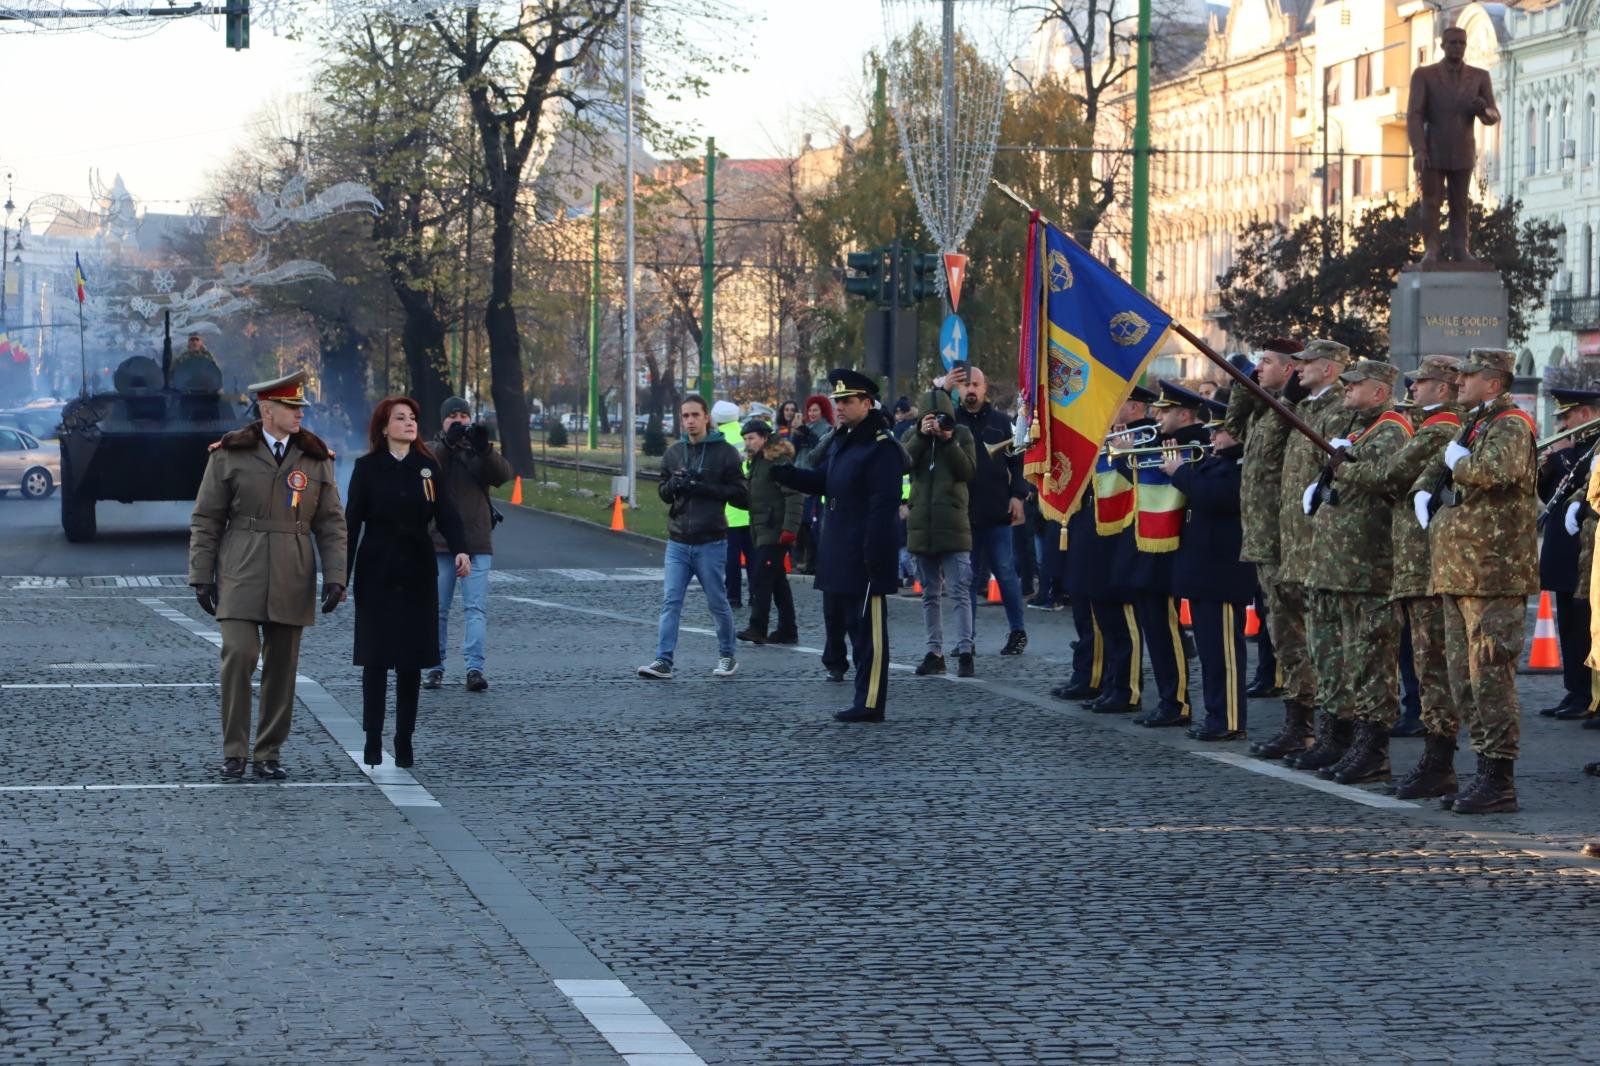 E OFICIAL: Vom avea, totuși, evenimente cu ocazia Zilei Naționale a României, la Arad. Cum se vor desfășura